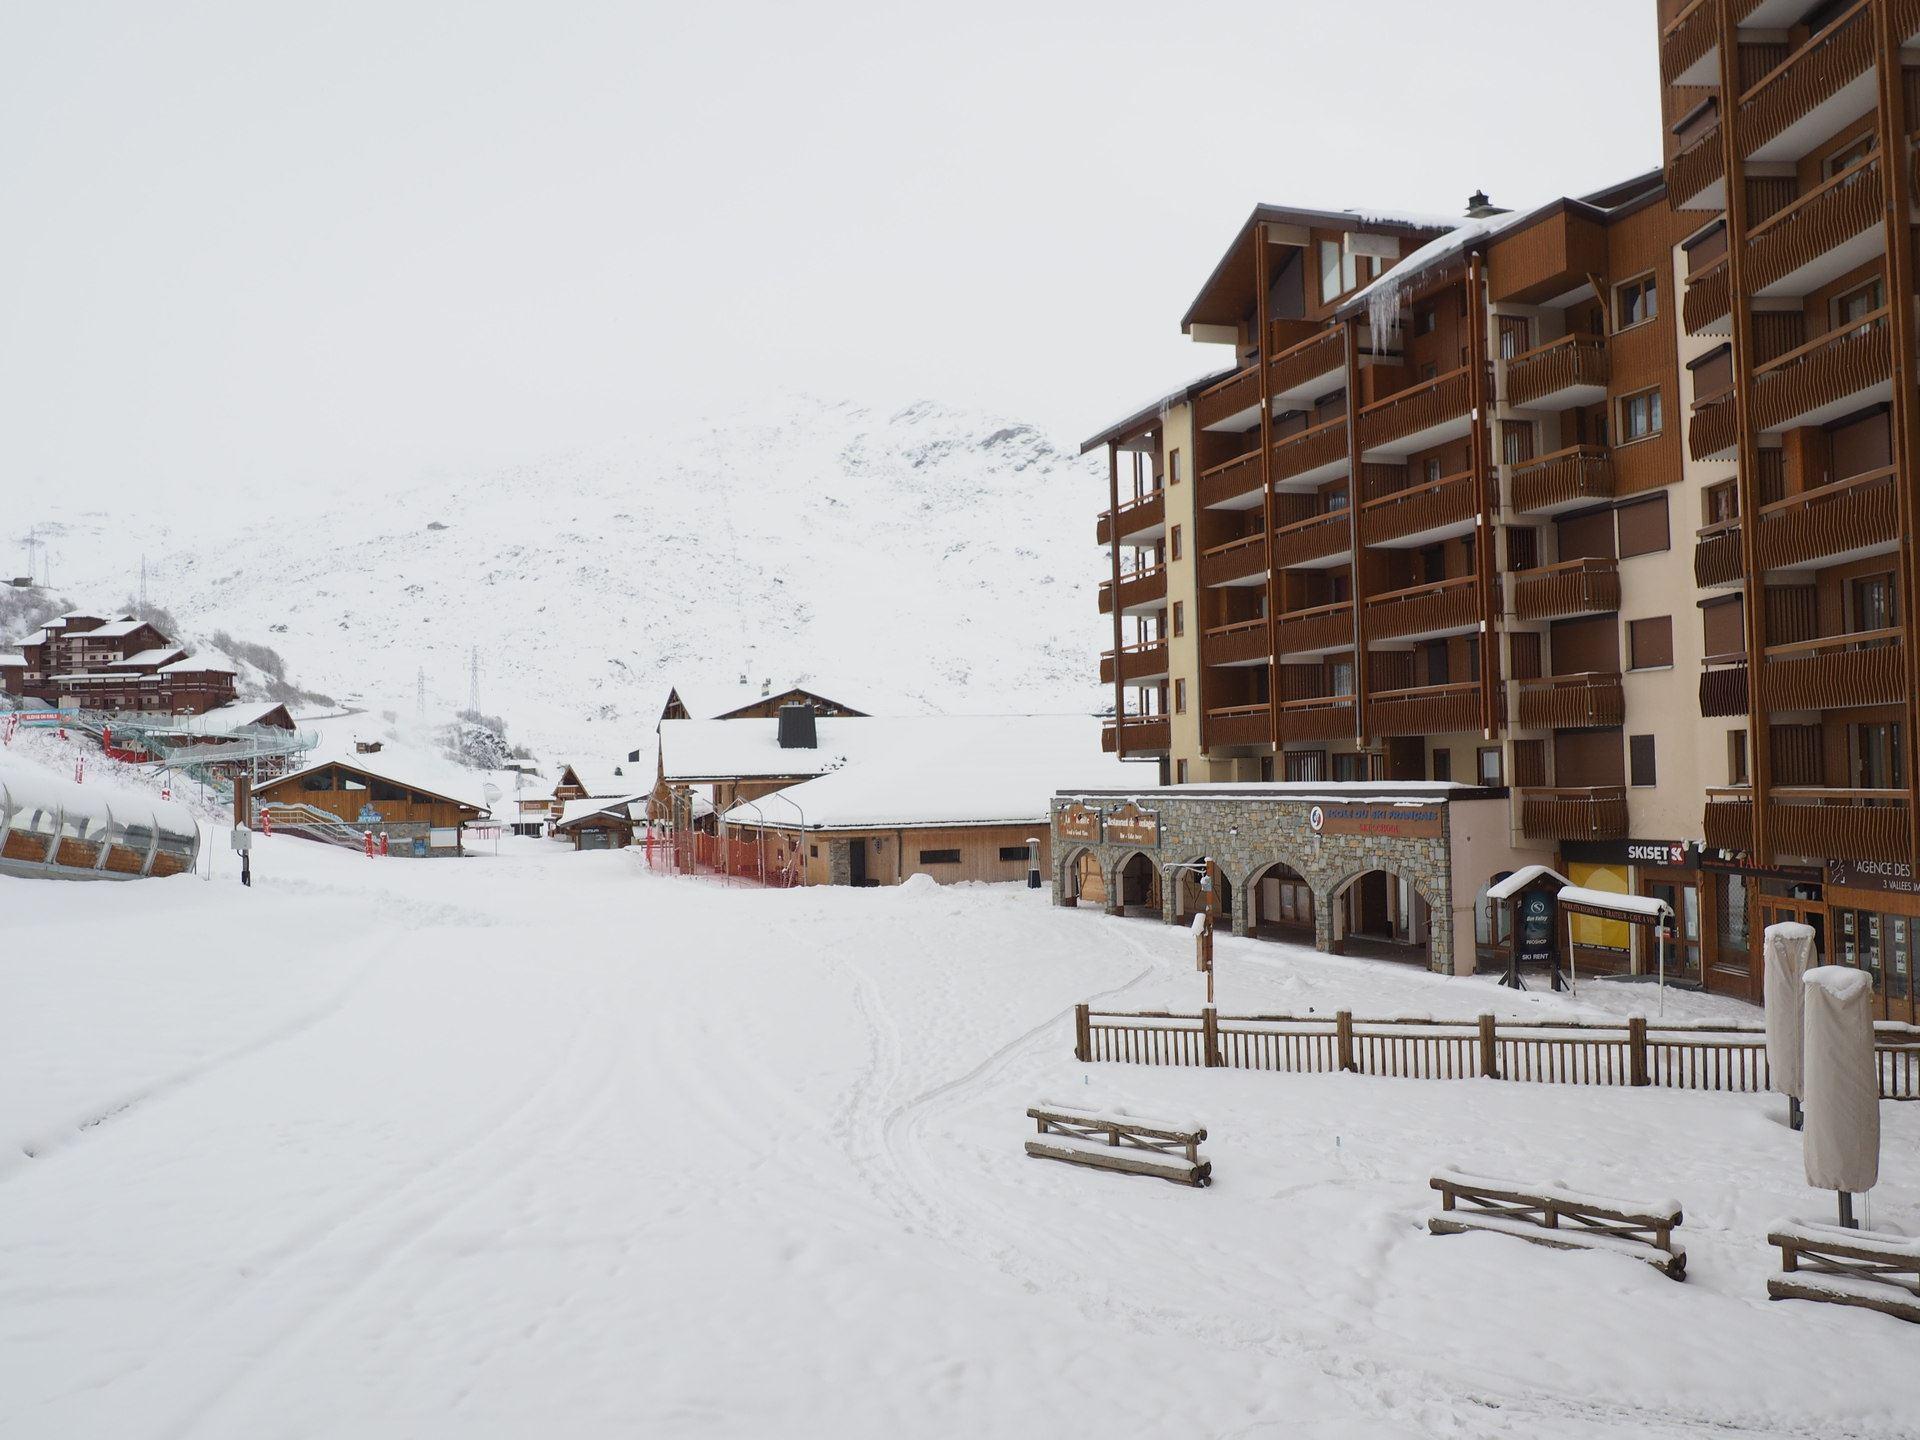 Studio 4 Pers ski-in-ski-out / Carlines I 9